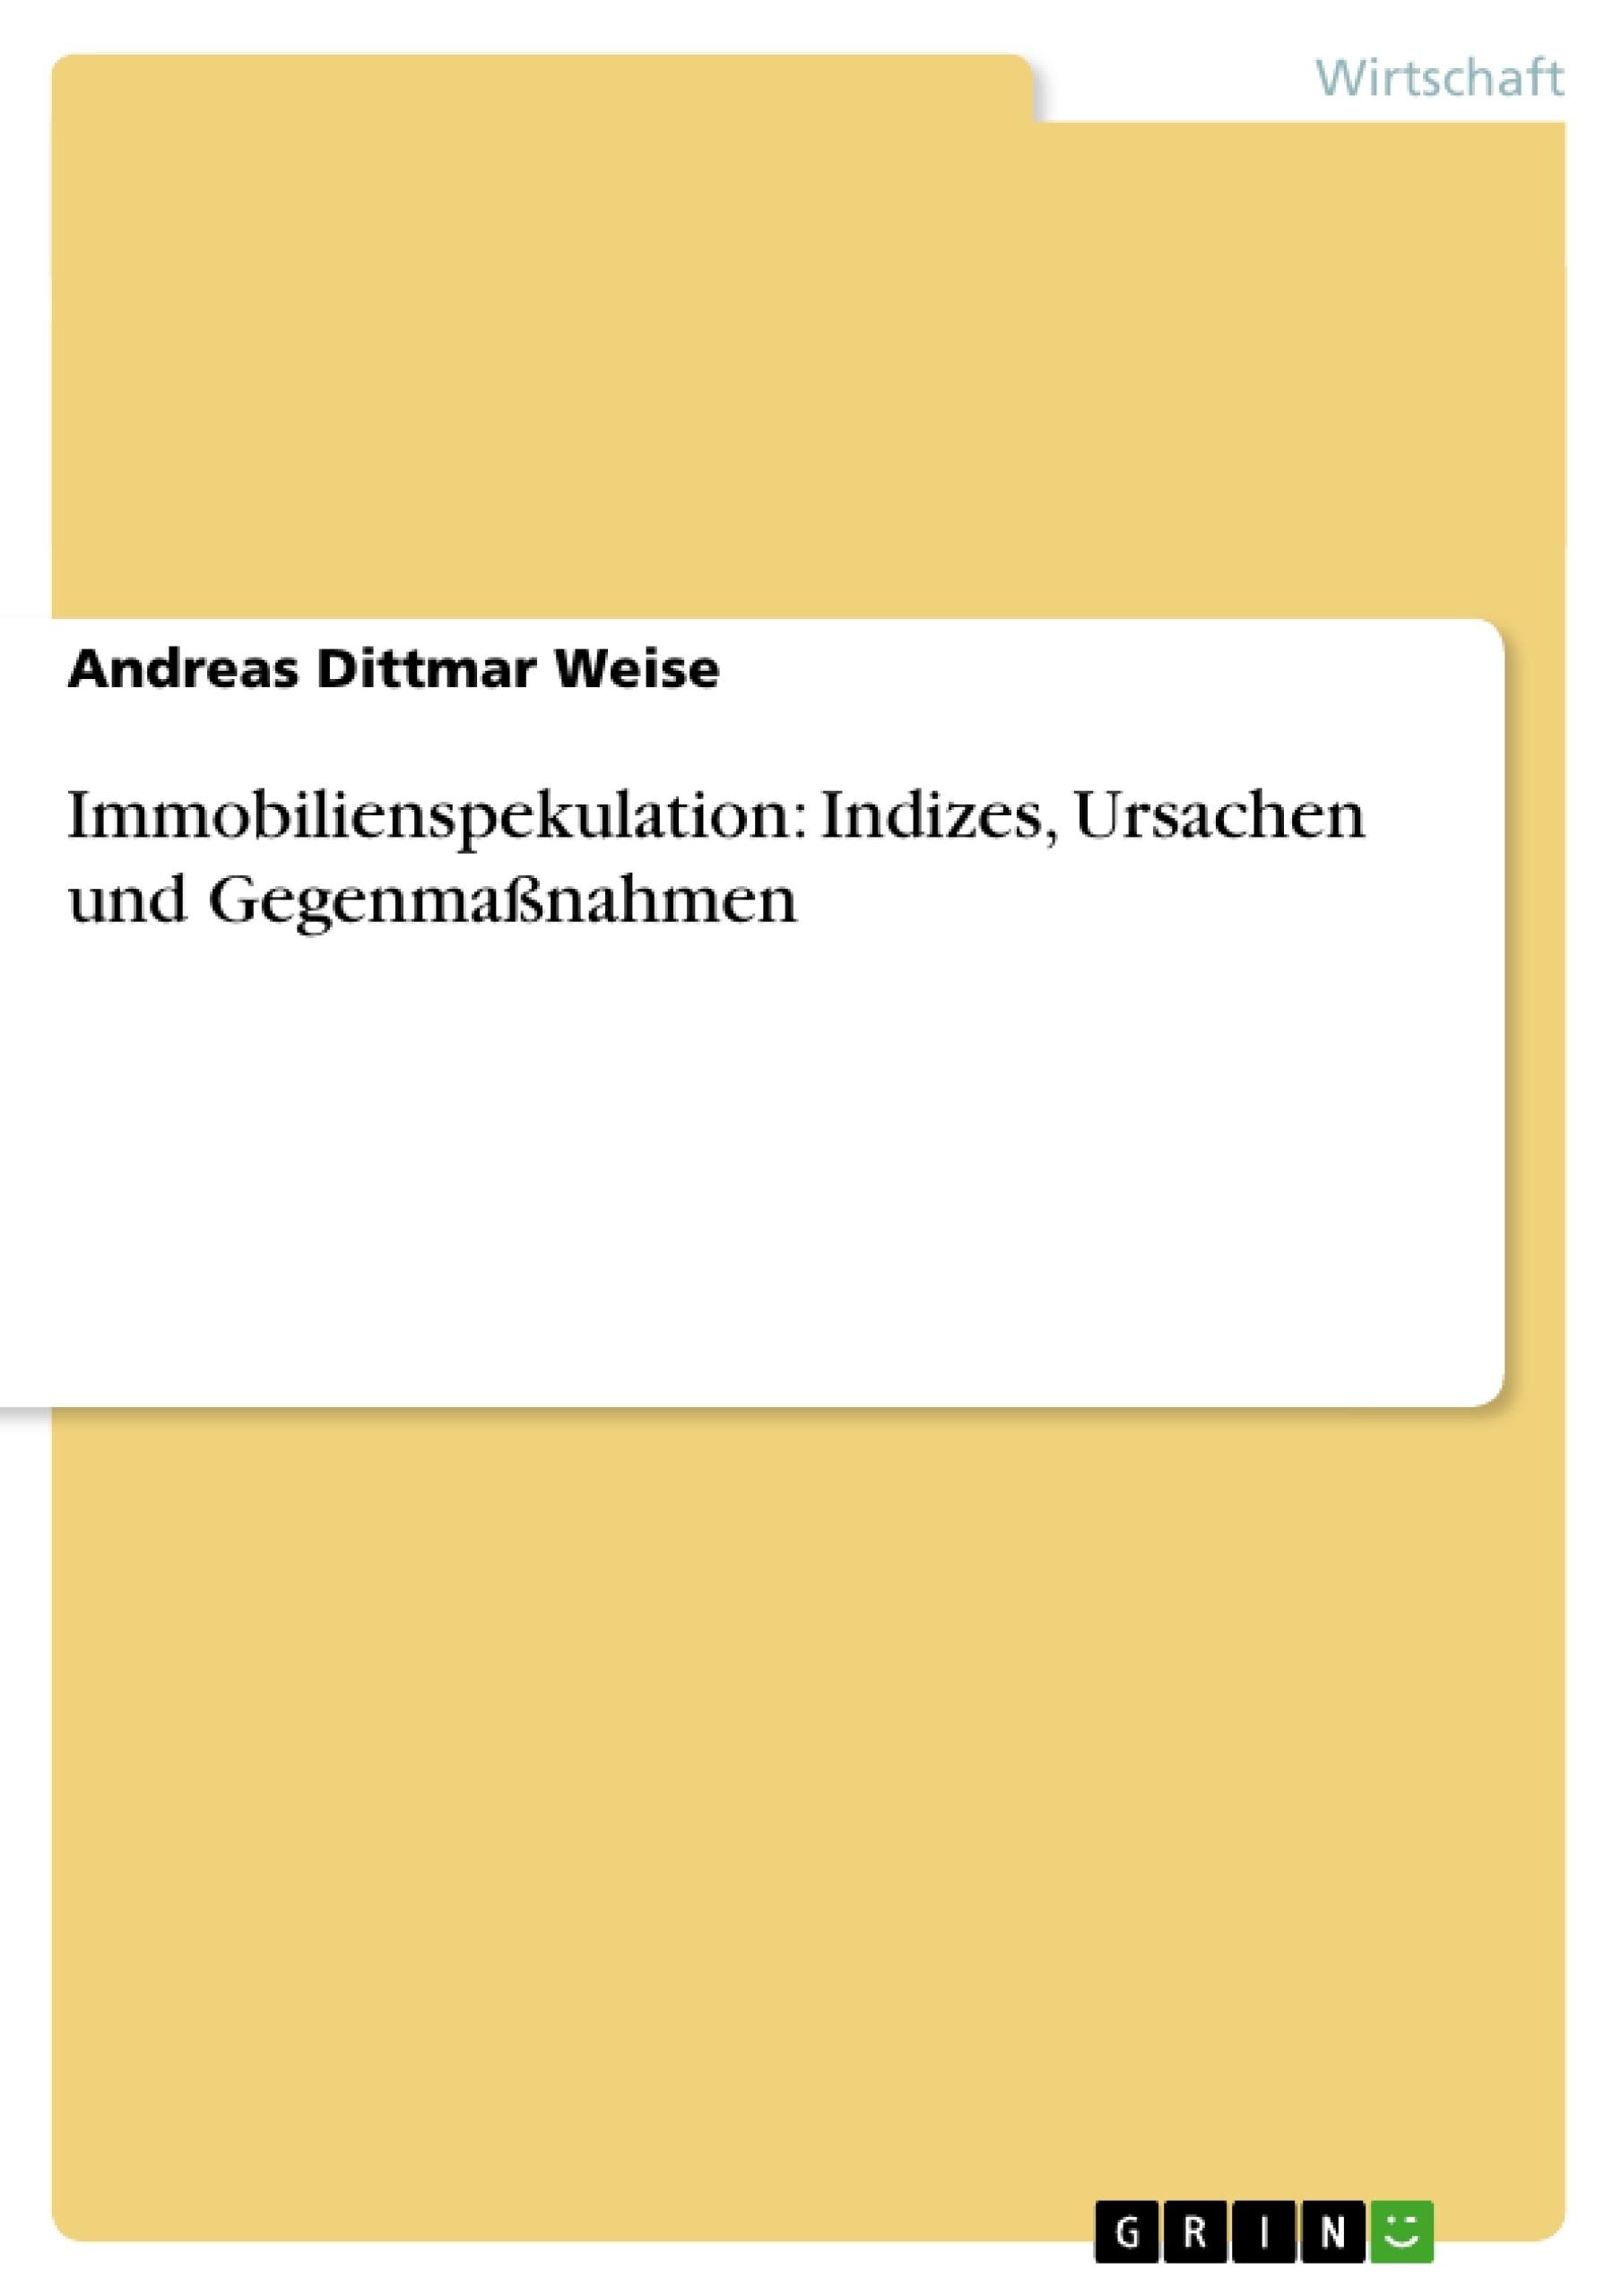 Titel: Immobilienspekulation: Indizes, Ursachen und Gegenmaßnahmen